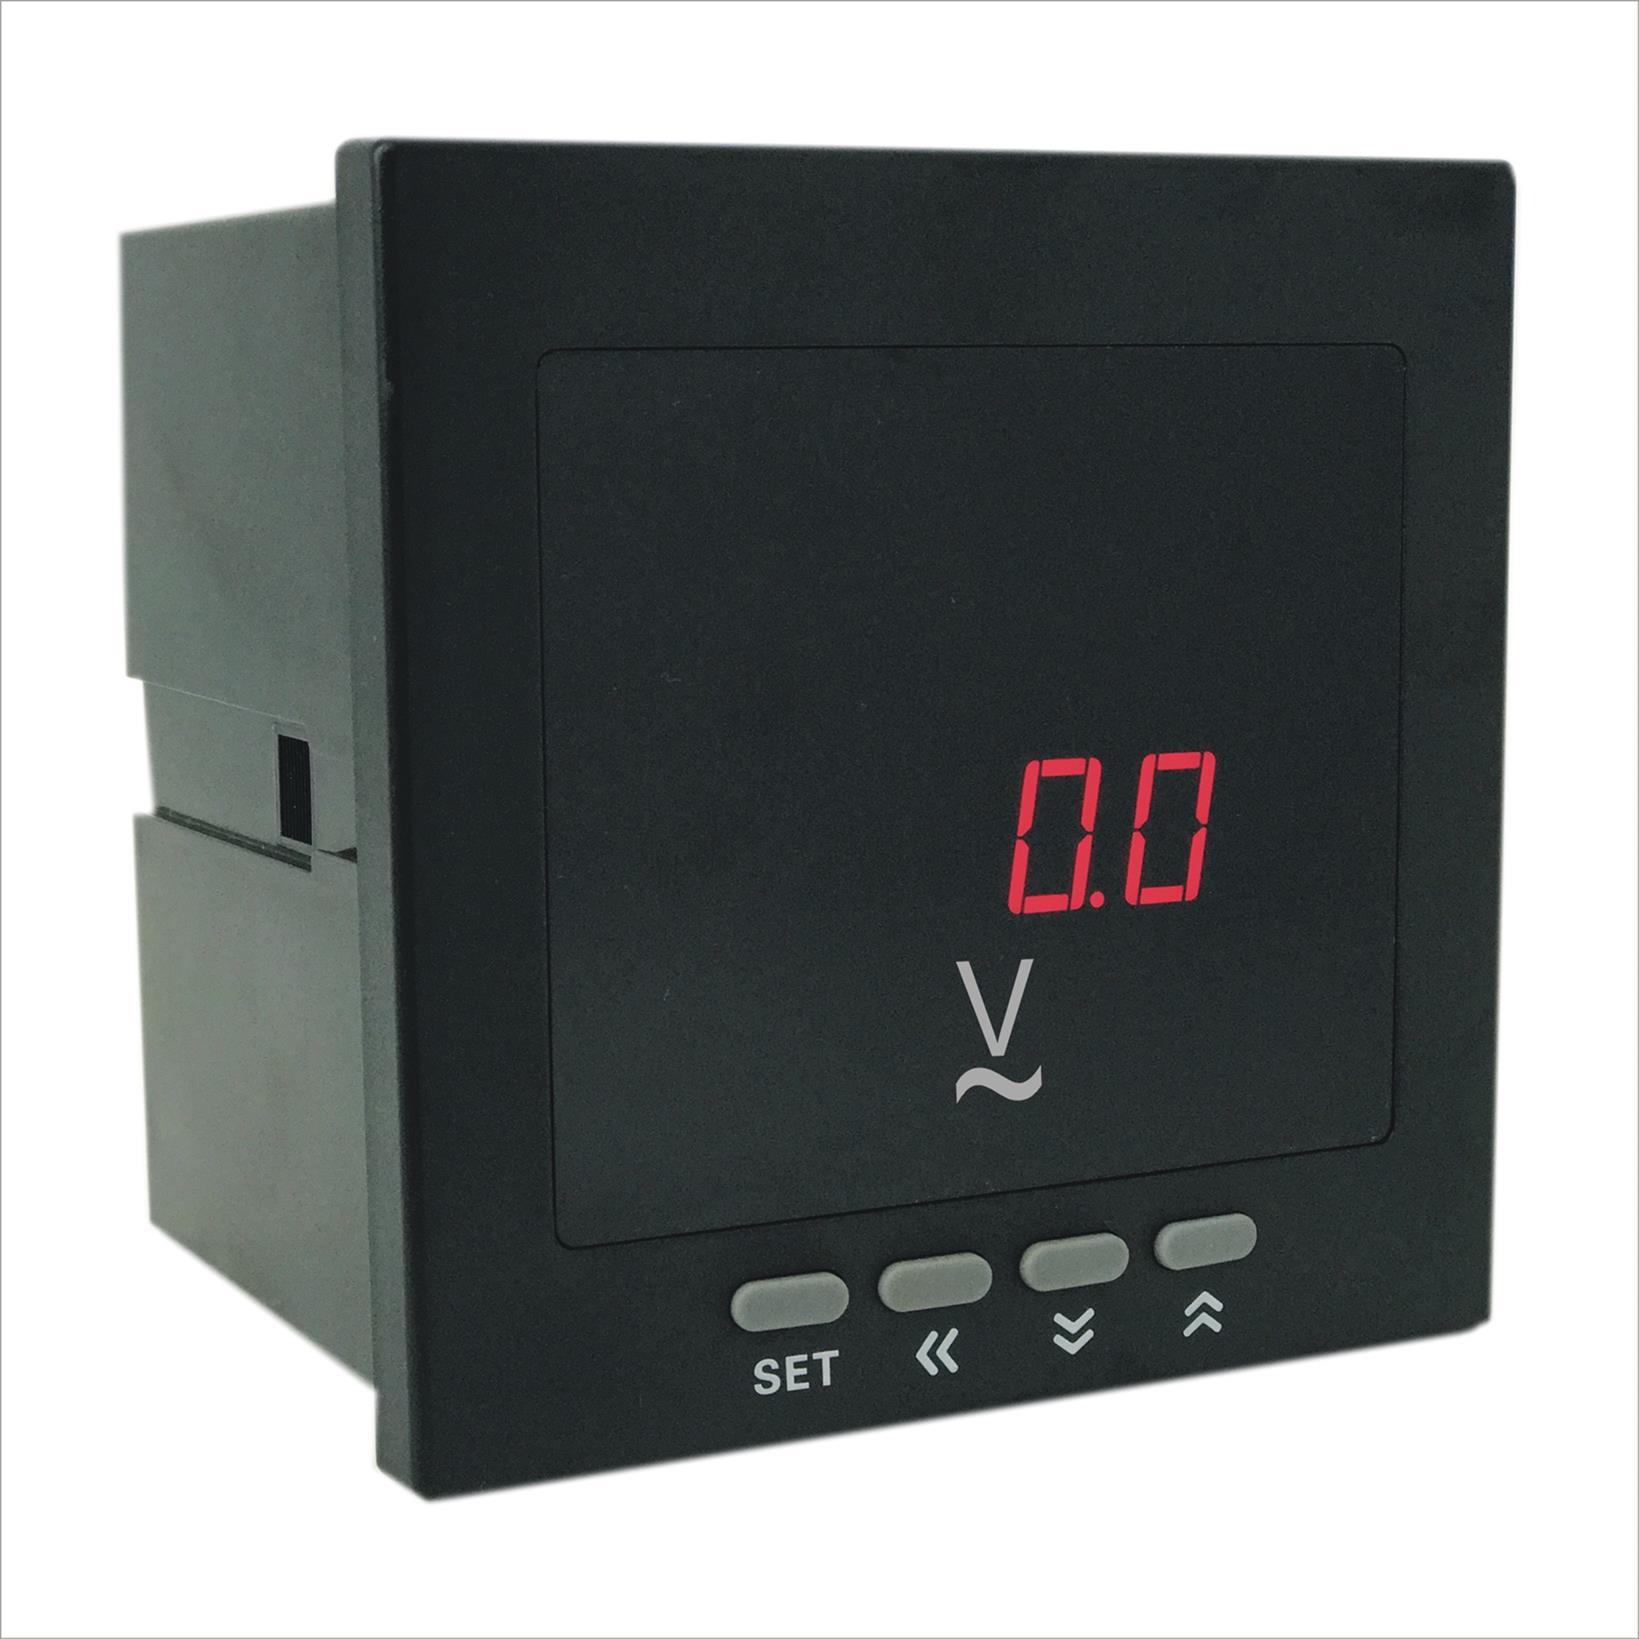 奥宾AOB394U-2B1智能数显电压表供应